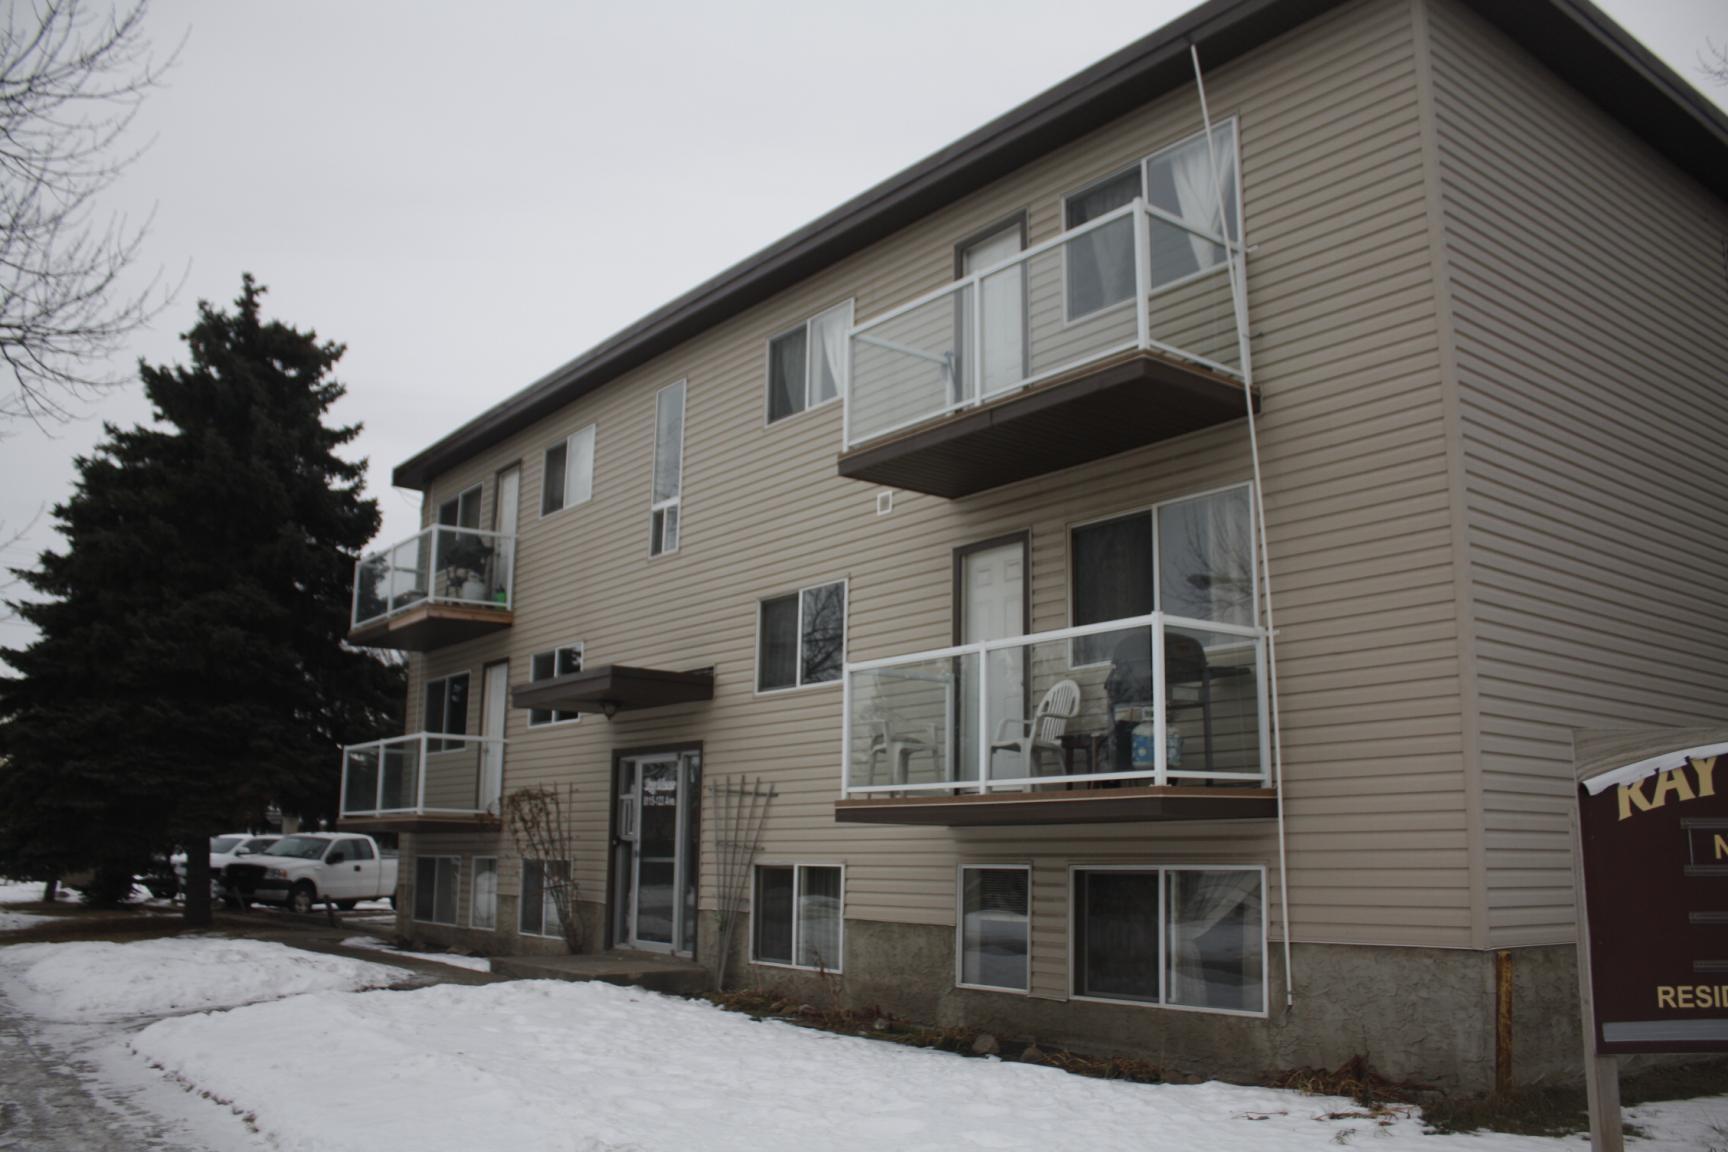 Ray Manor Apartments photo #1